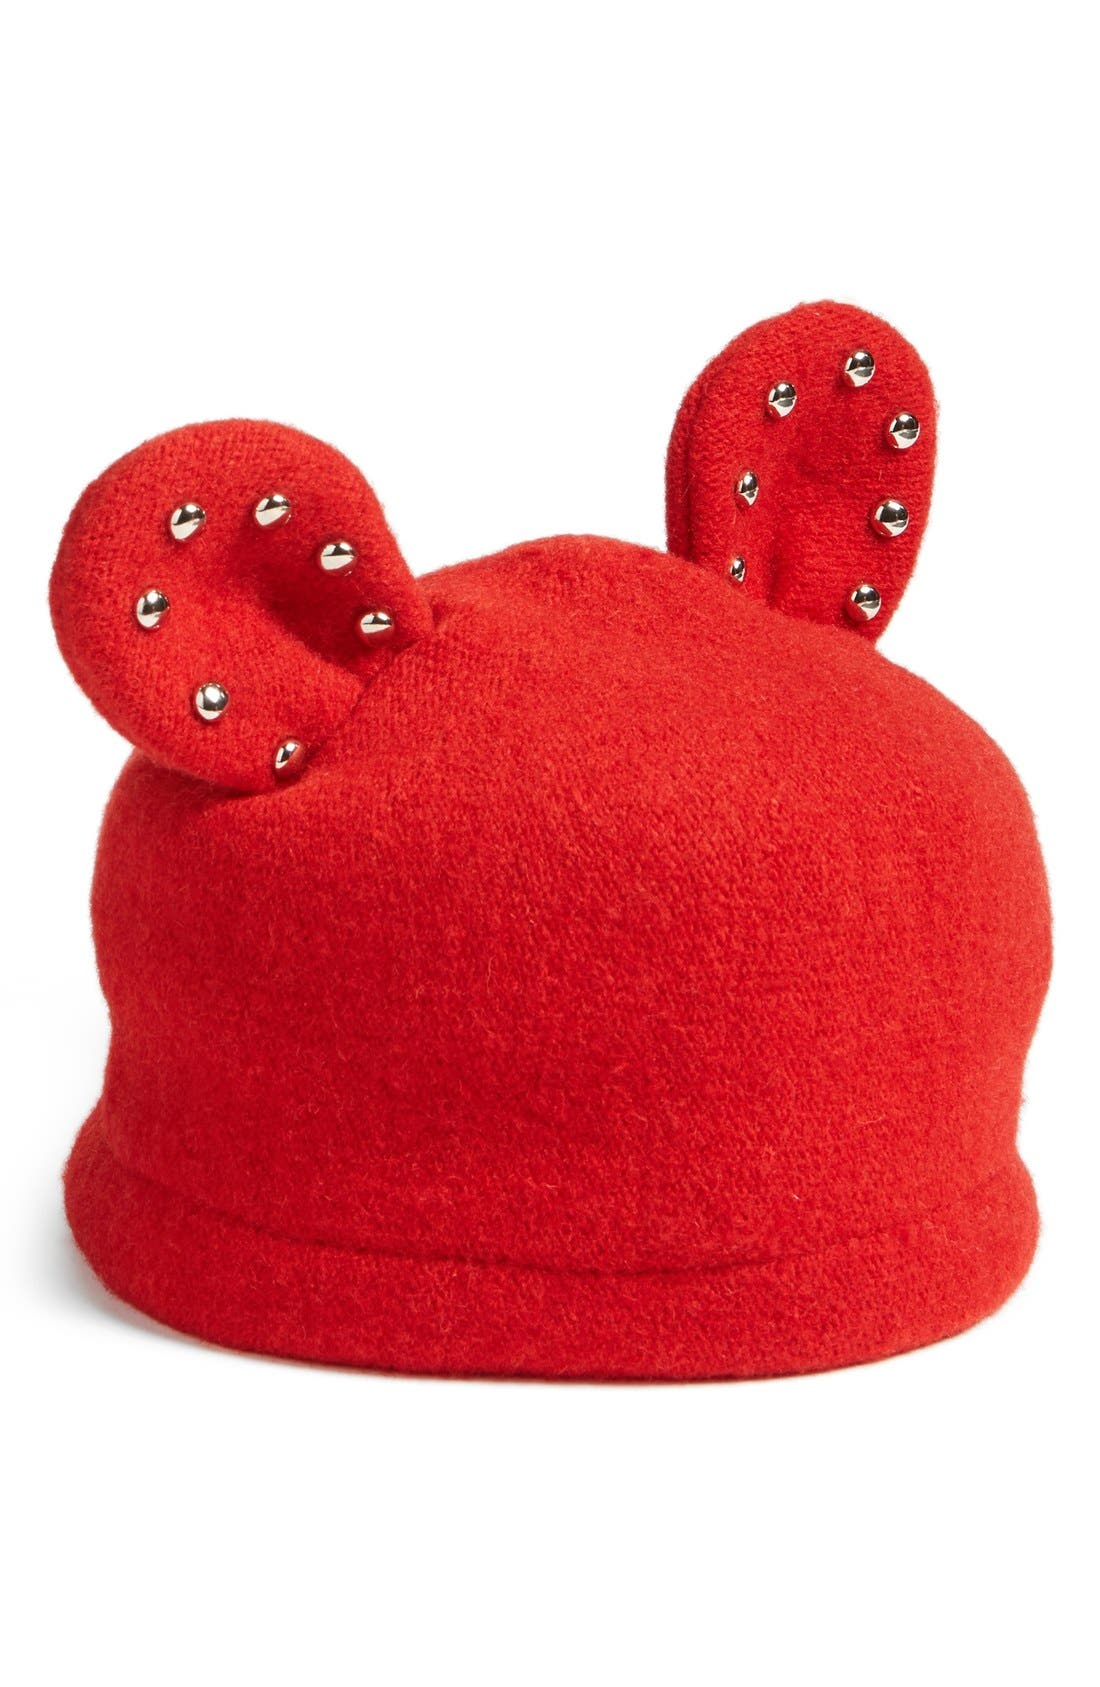 Main Image - Helene BermanStudded Ears WoolBlend Cap